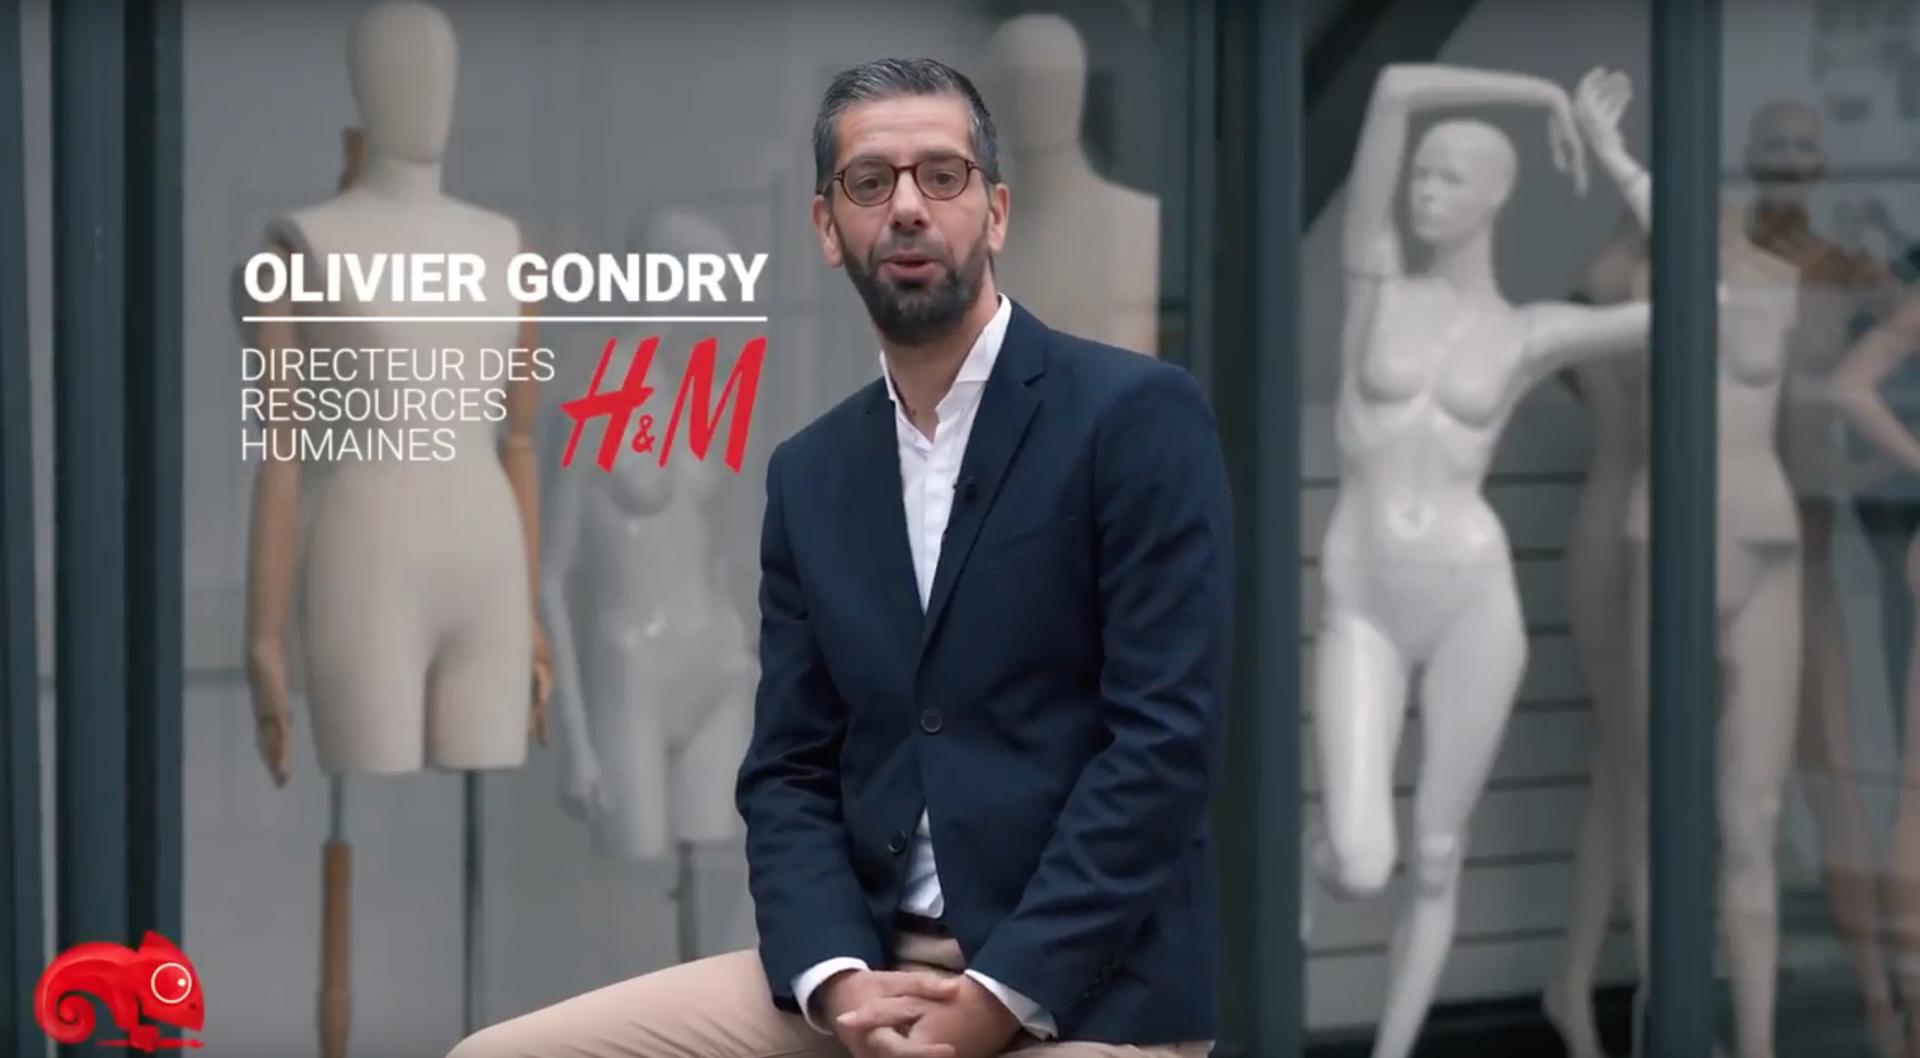 Olivier Gondry